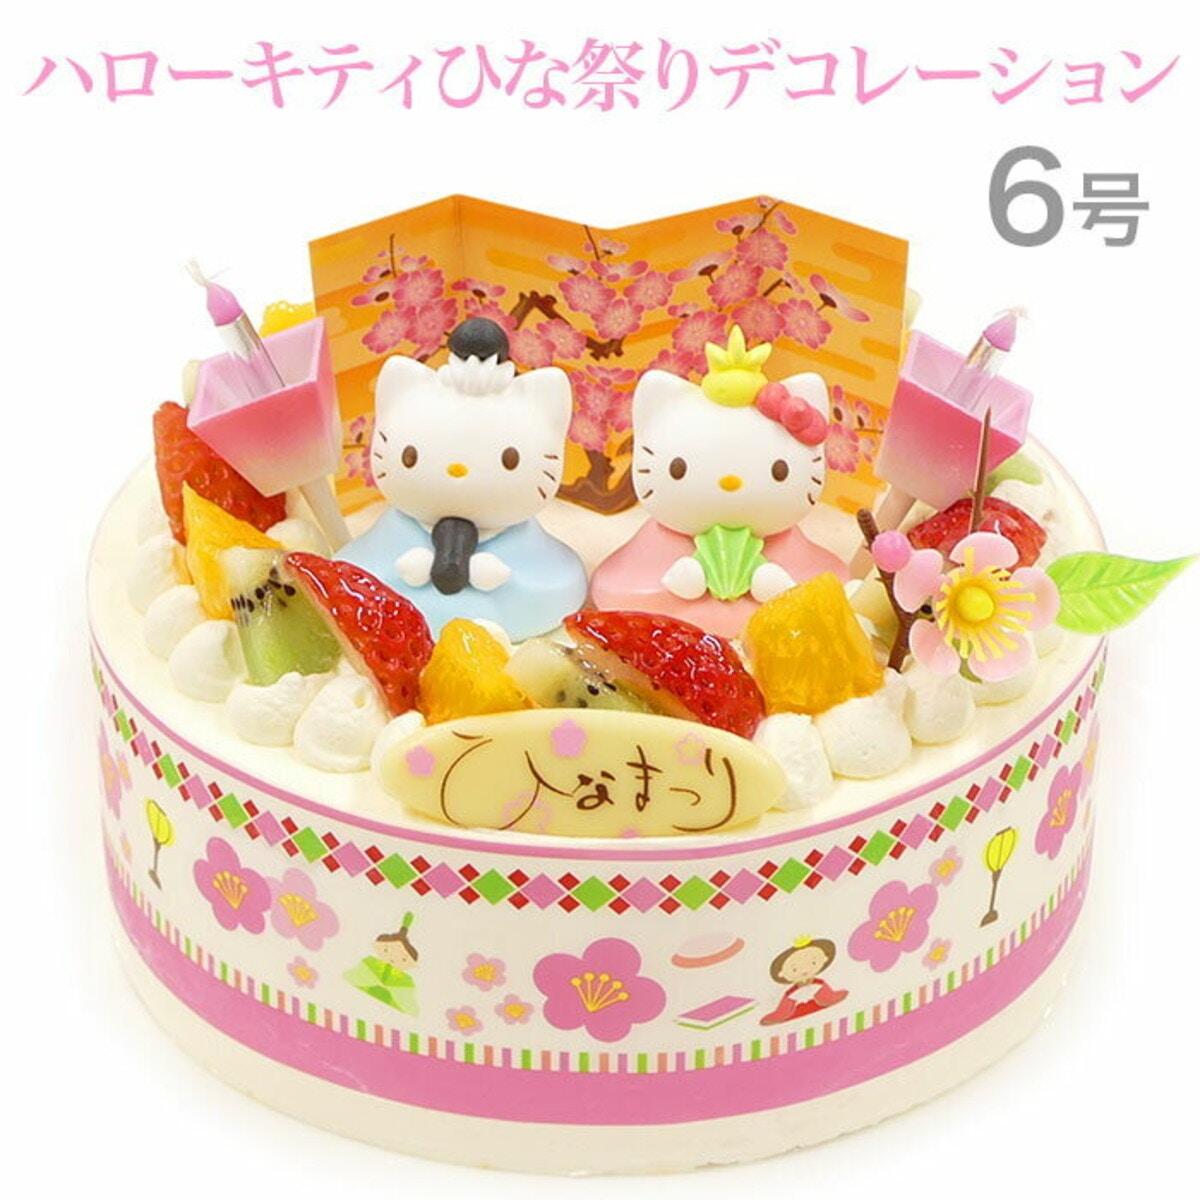 CAKE EXPRESS(加村牛乳店)「ハローキティ ひな祭りデコレーション」ケーキ